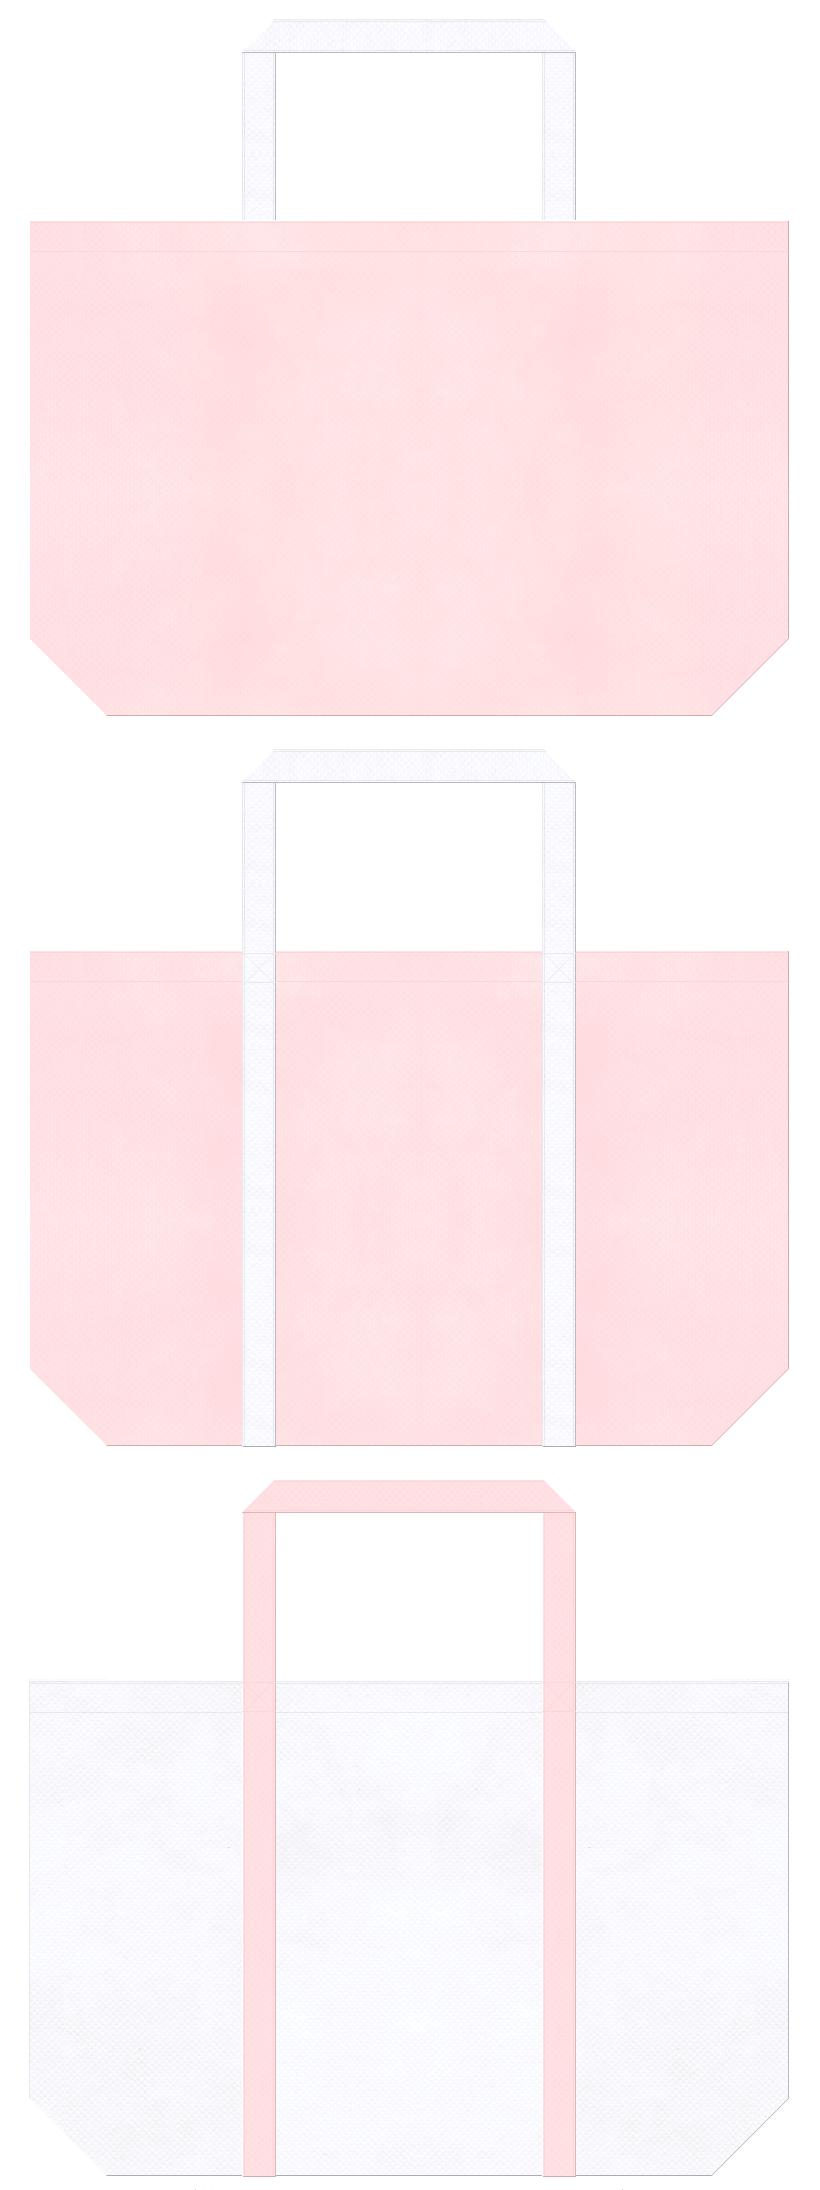 保育・福祉・介護・医療・うさぎ・白鳥・バレエ・ファンシー・パステルカラー・ガーリーデザインにお奨めの不織布バッグデザイン:桜色と白色のコーデ